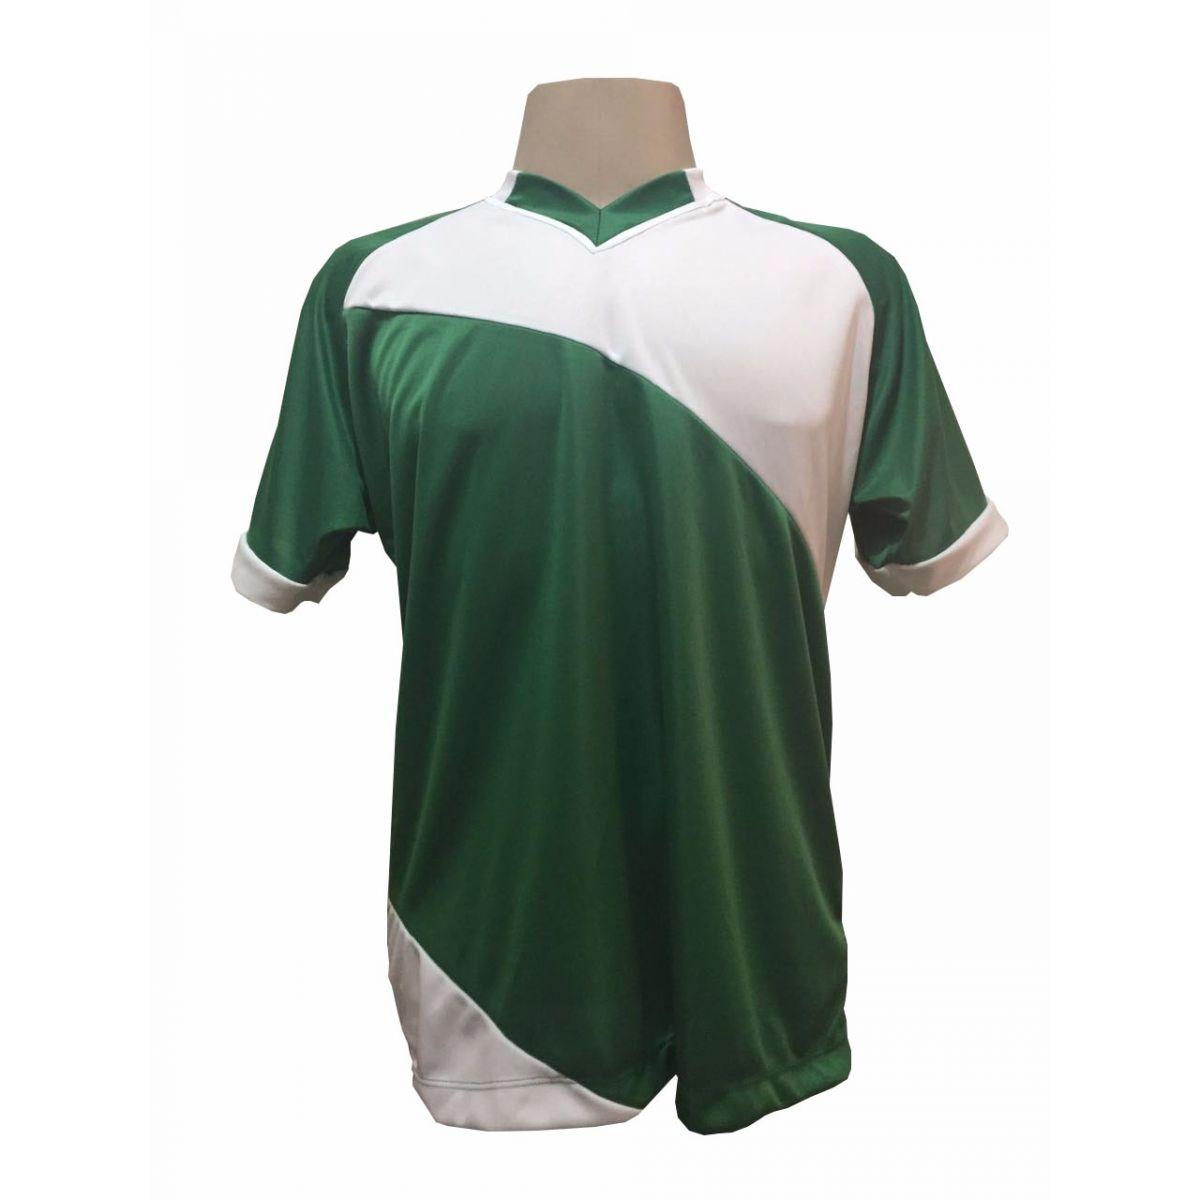 7620a14b3c ... Uniforme Esportivo com 20 camisas modelo Bélgica Verde/Branco + 20  calções modelo Madrid Verde ...